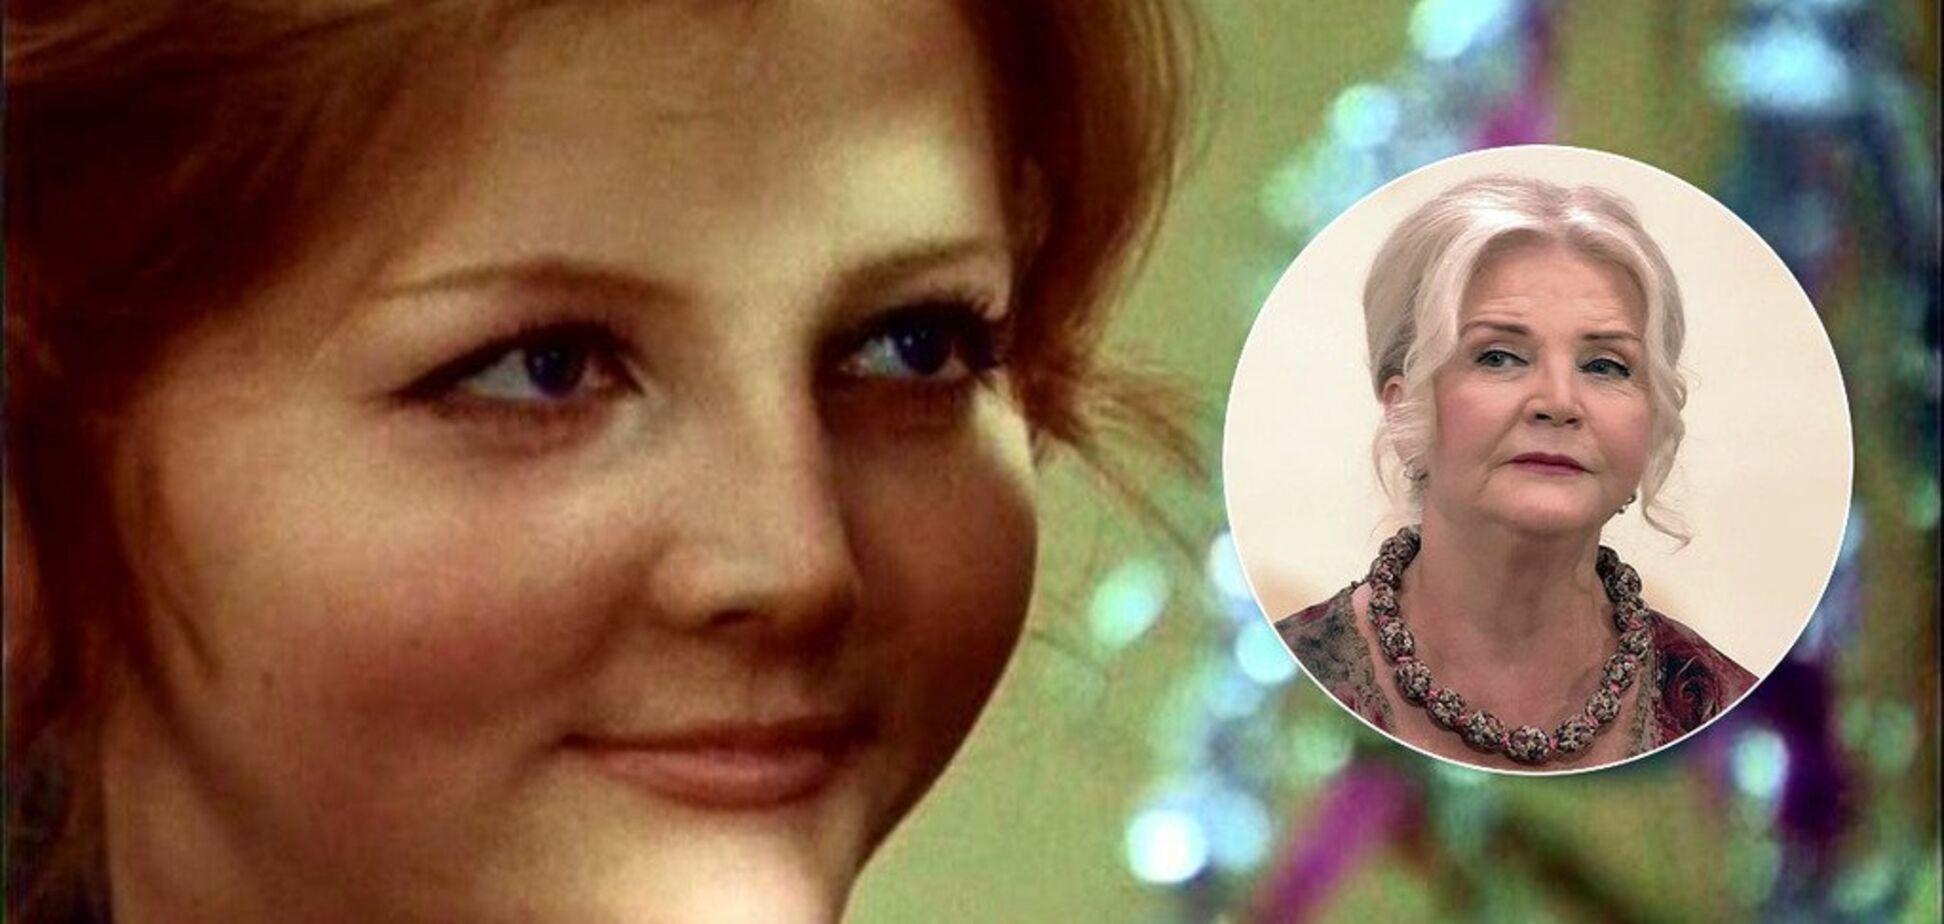 Гале из 'Иронии судьбы' уже 70 лет: как выглядит невеста Жени Лукашина сегодня